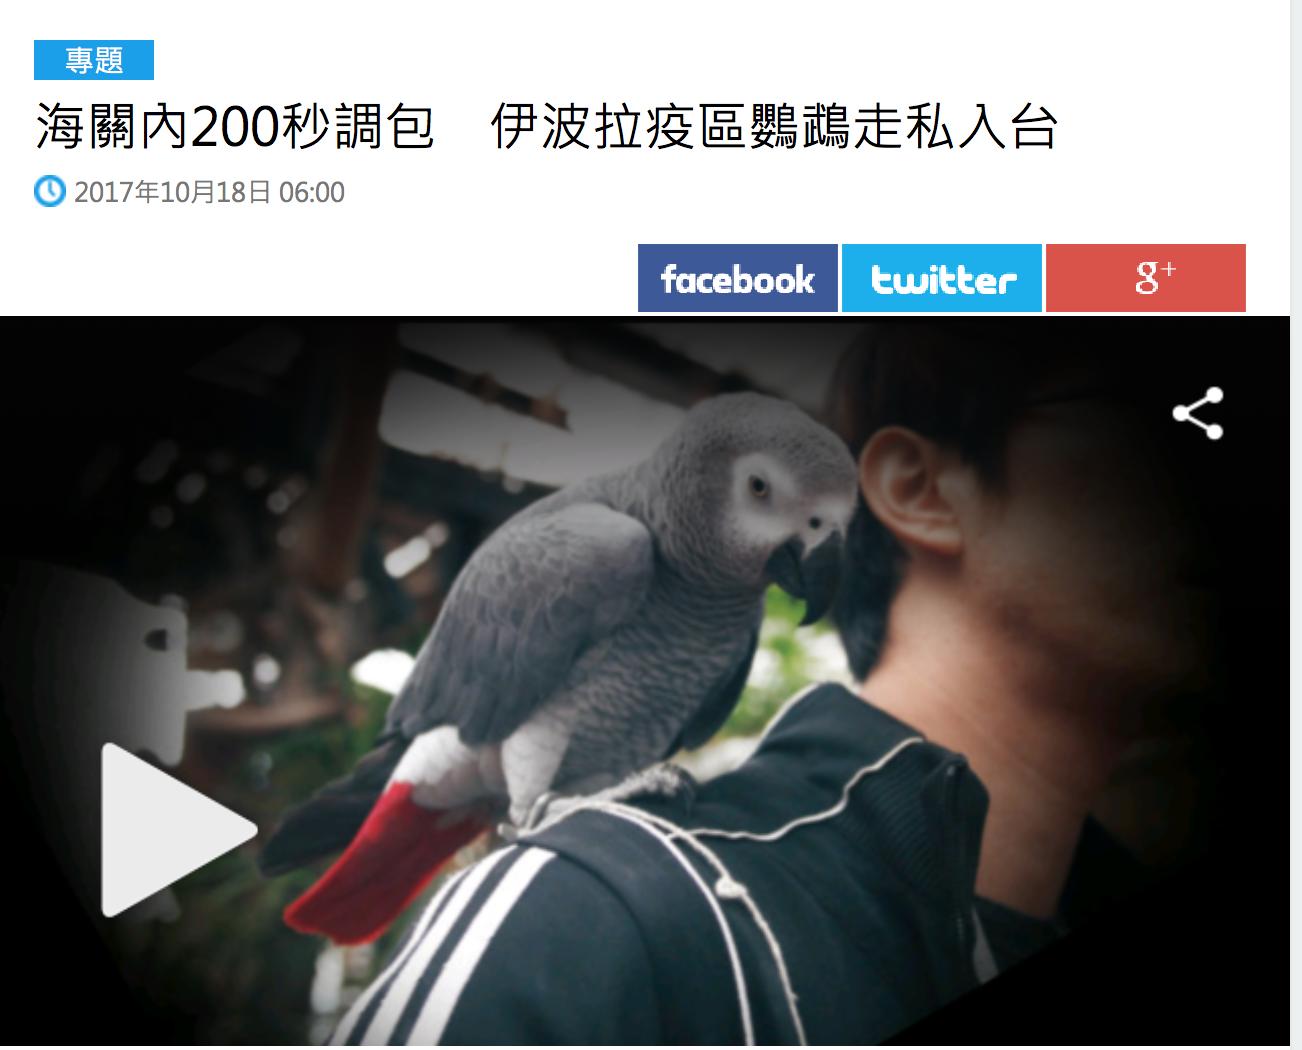 媒體報導從剛果走私鸚鵡的新聞